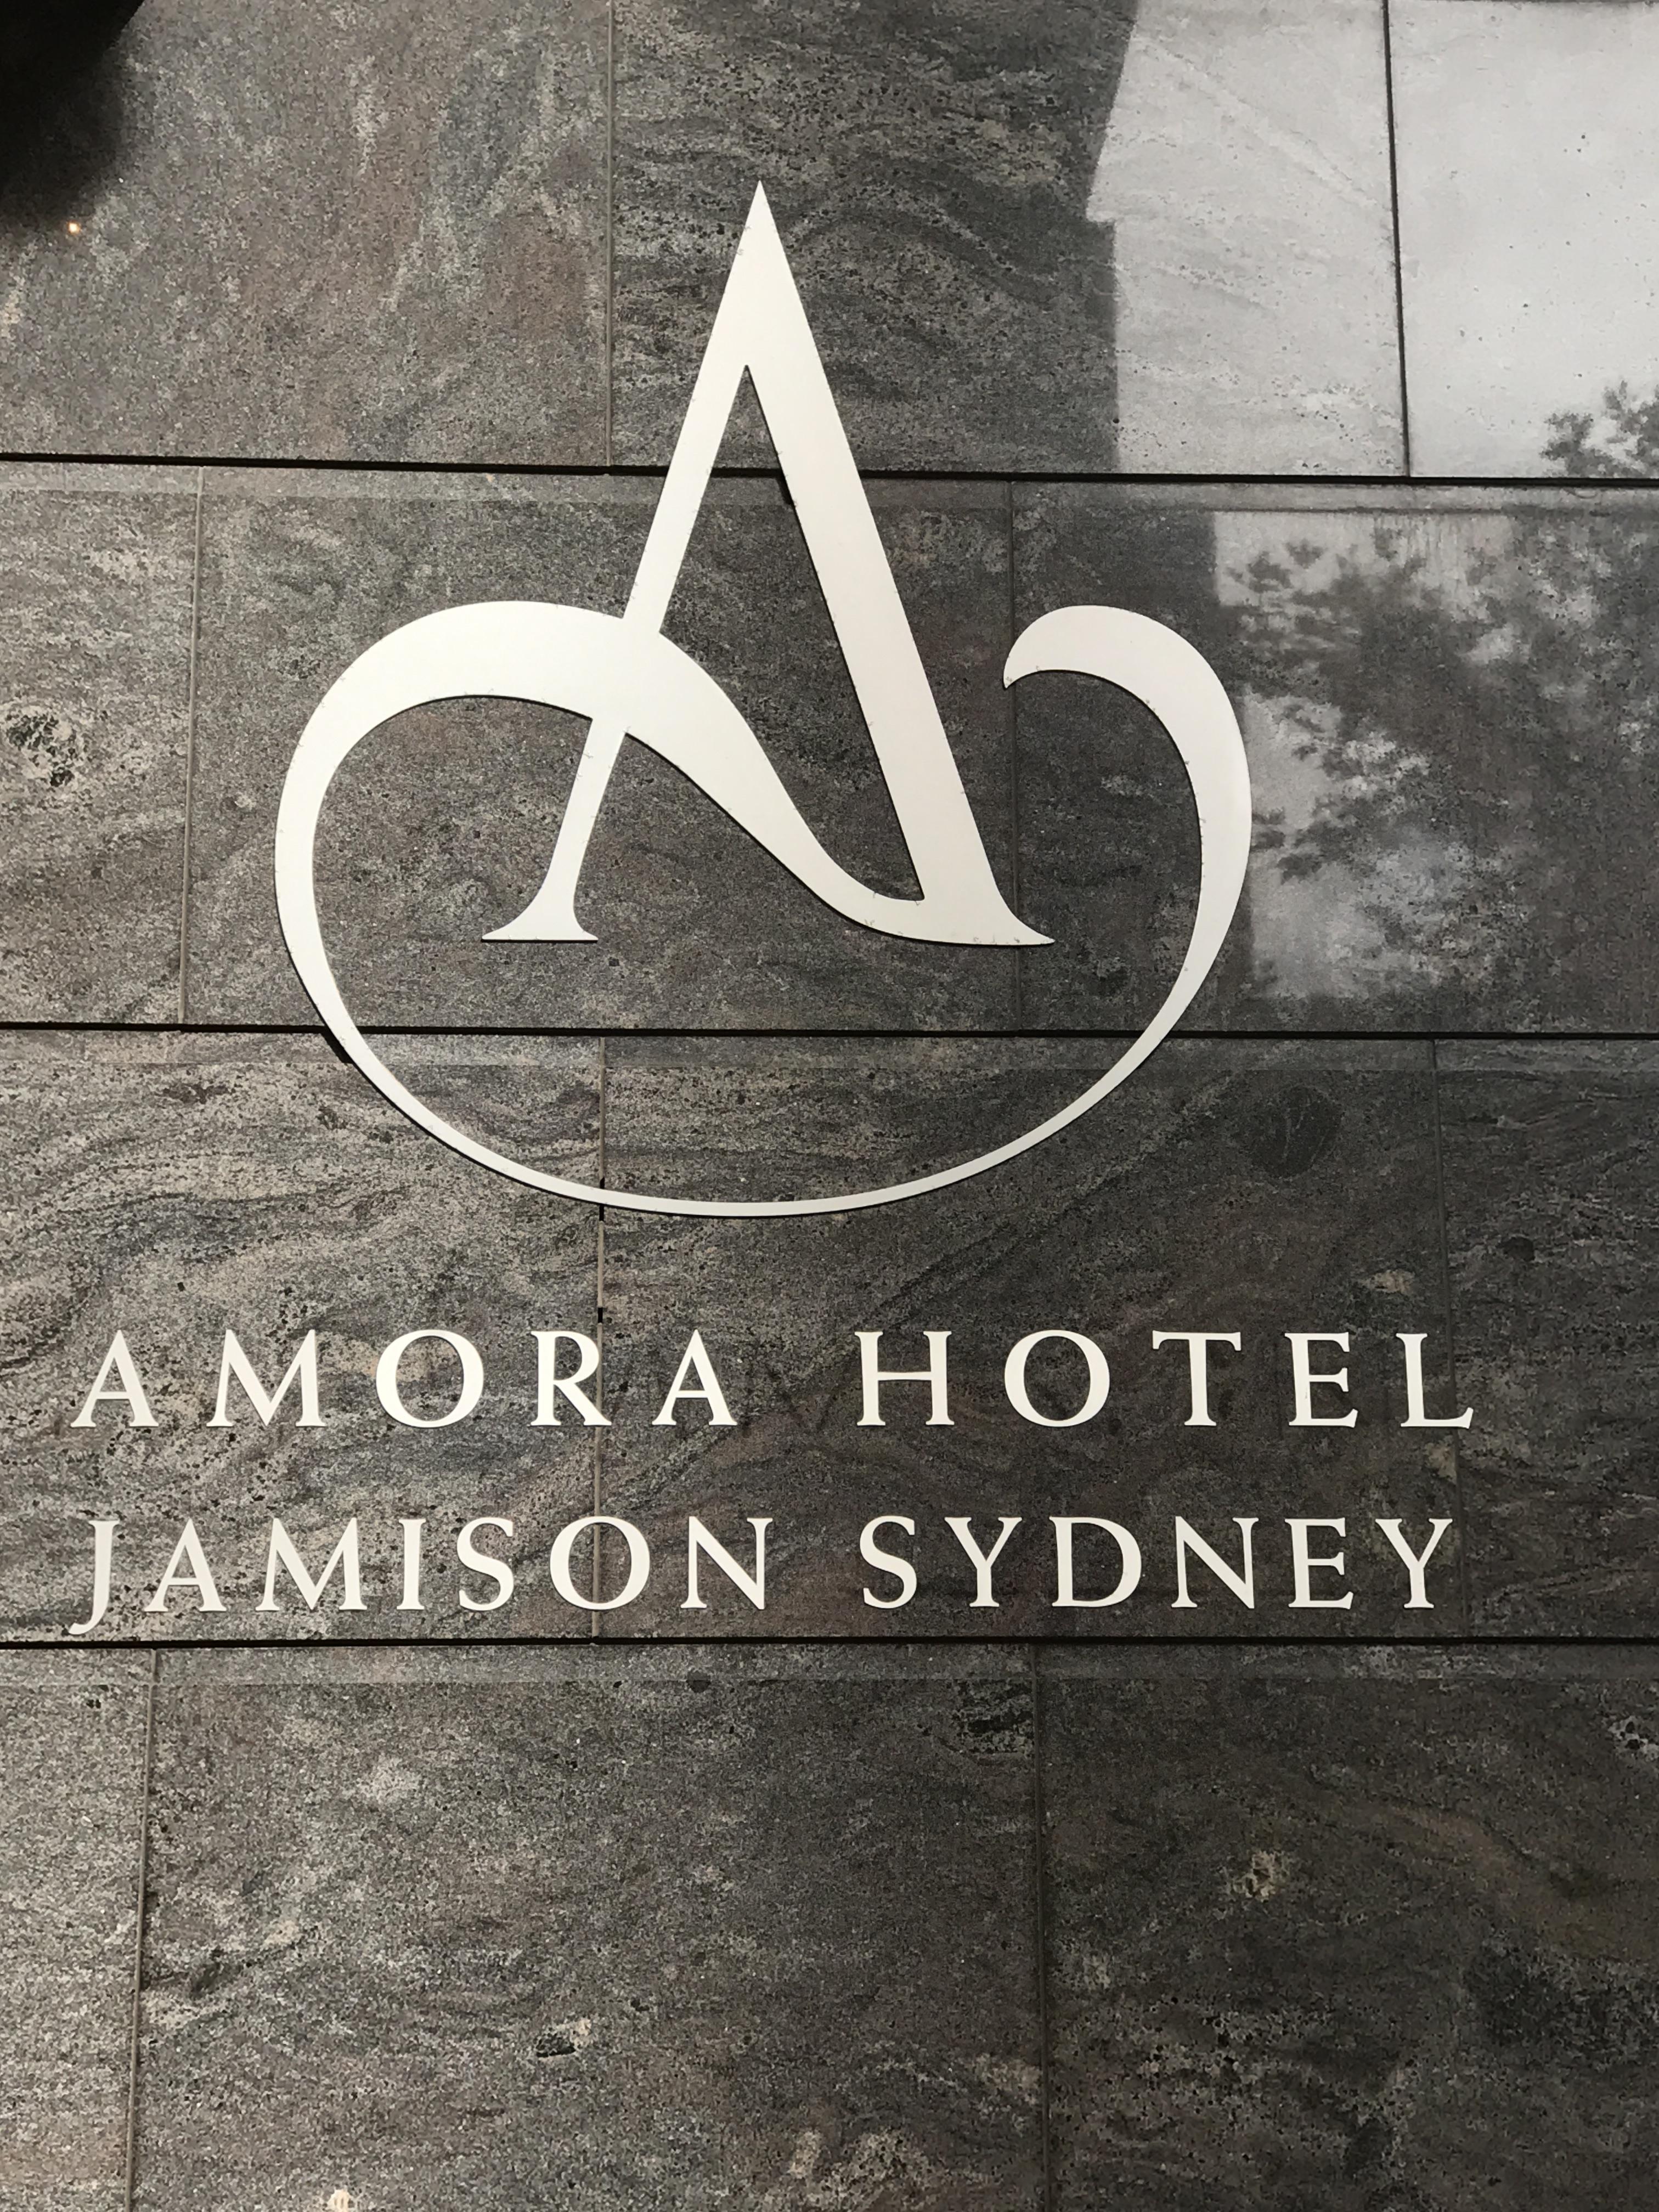 Amora Hotel Jamison Sydney Logo